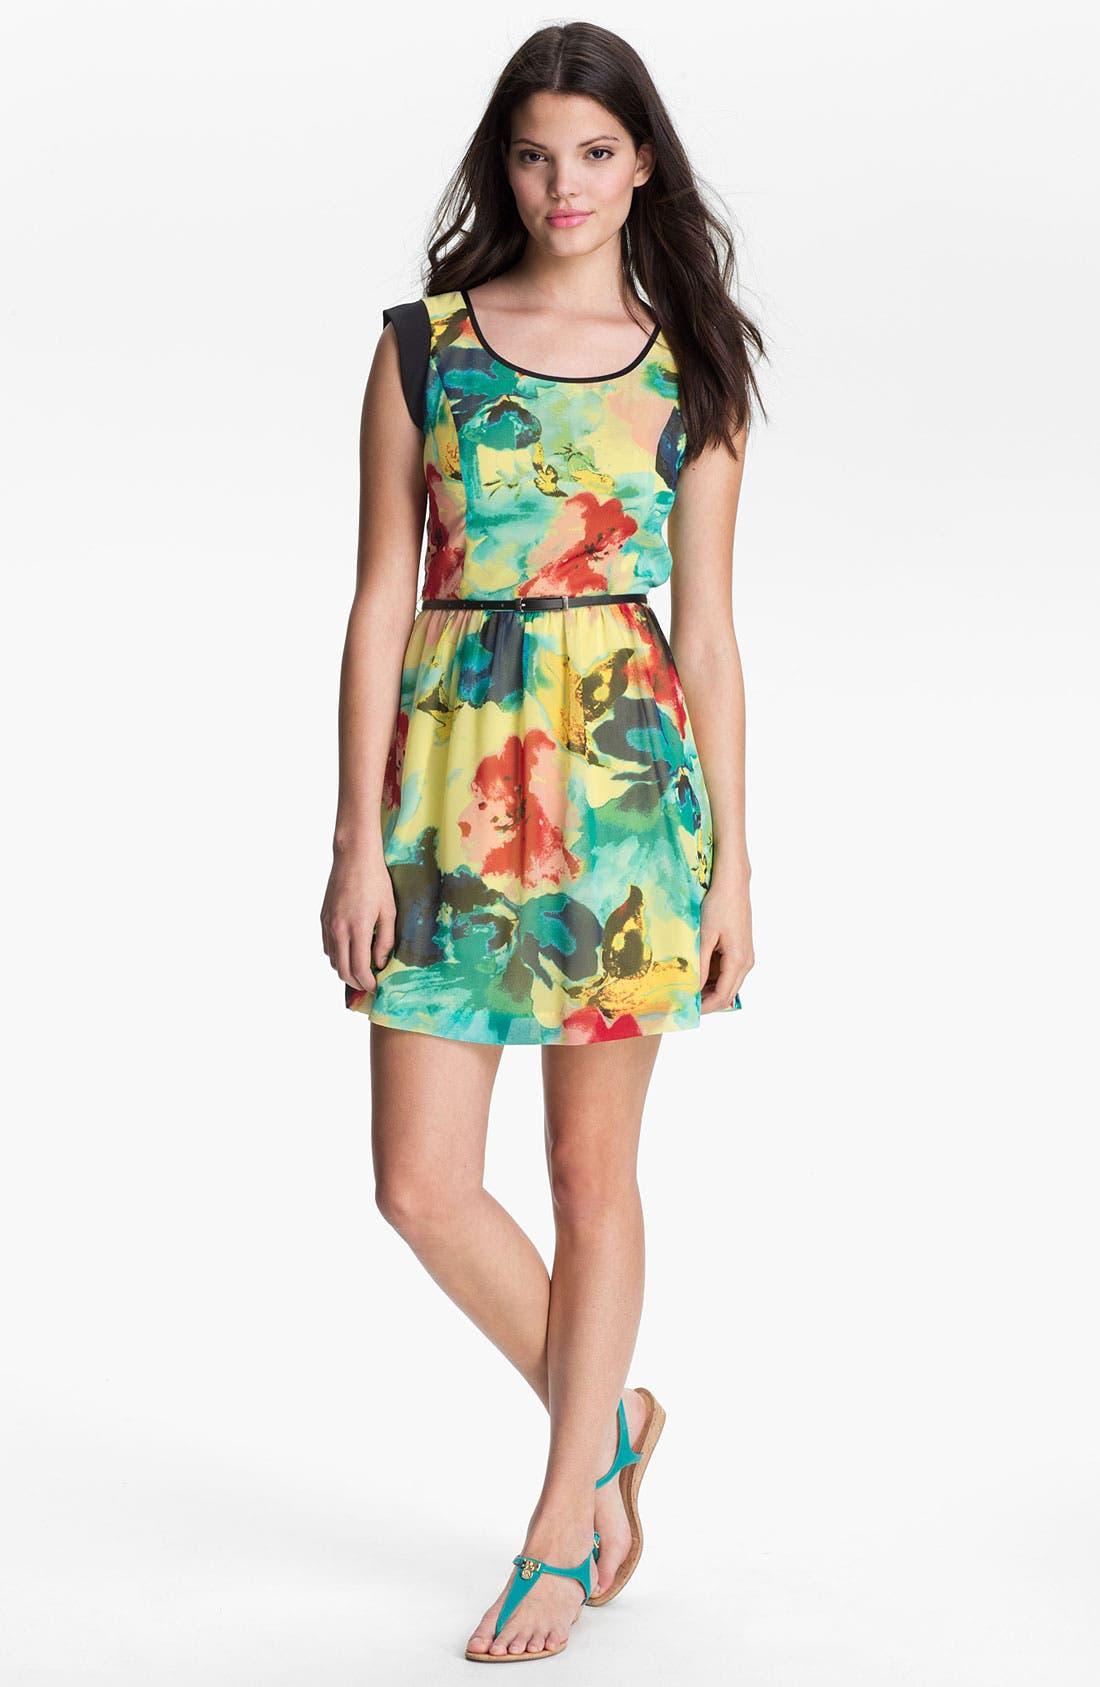 Main Image - Kensie 'Blurred Floral' Dress